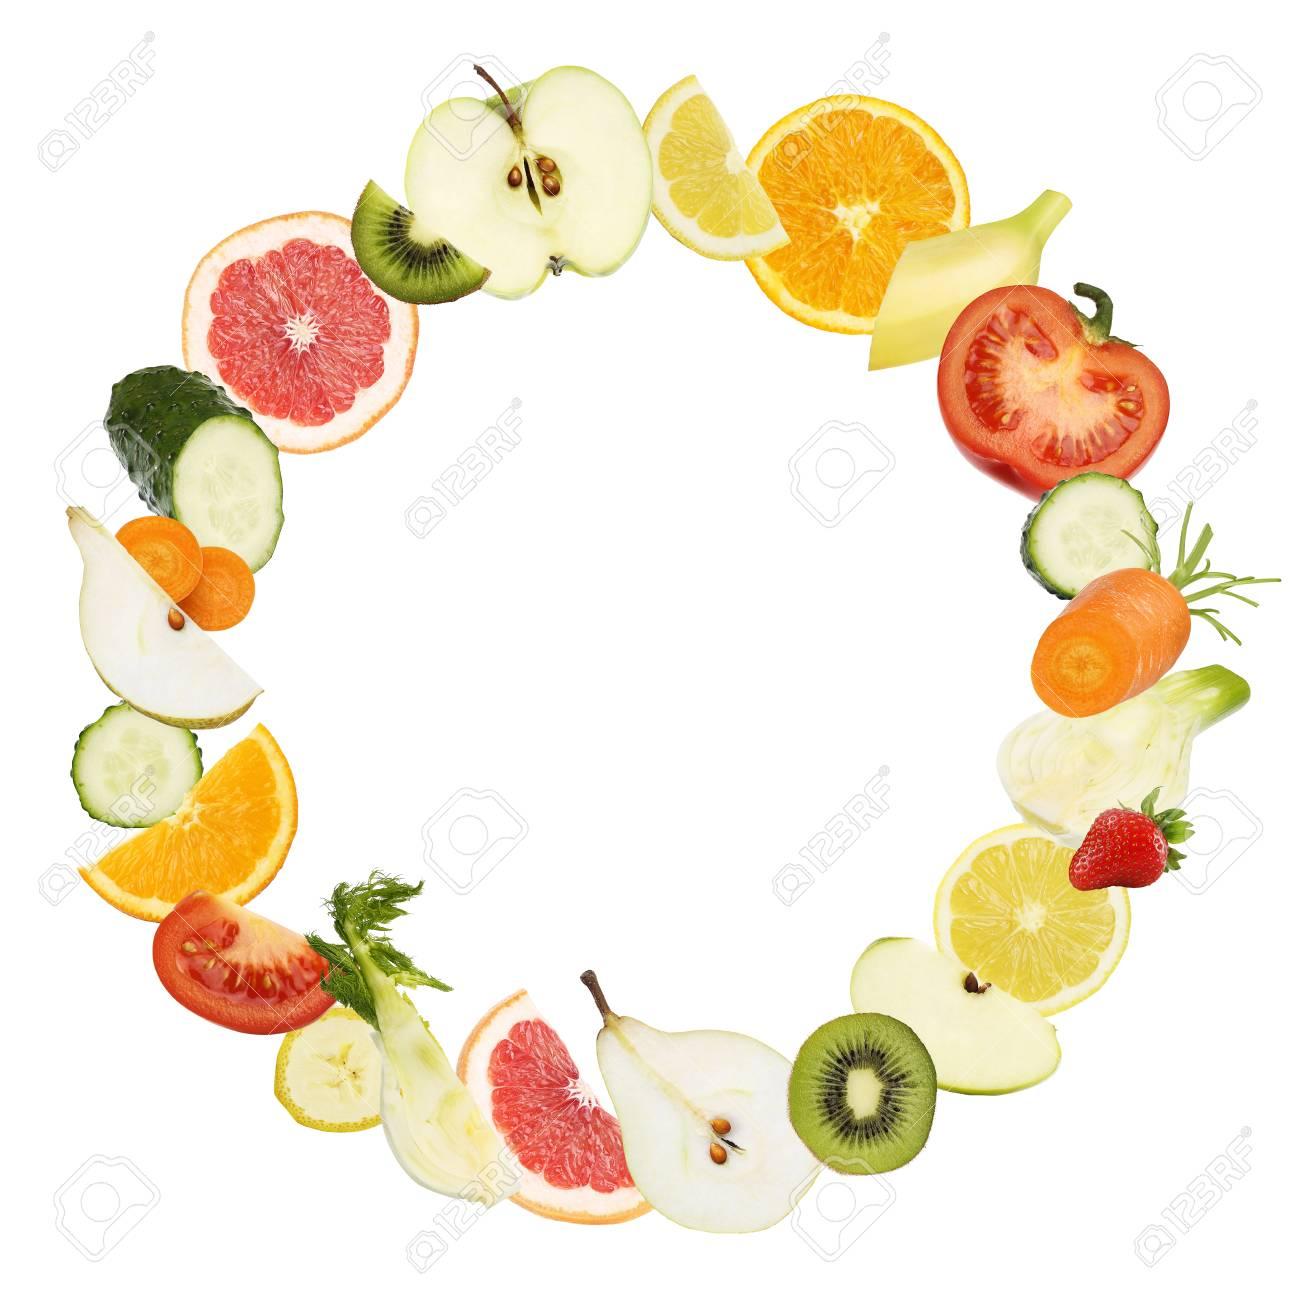 Früchte Kreisform Textur Gemüse Lebensmittel Diät Konzept Vorlage ...